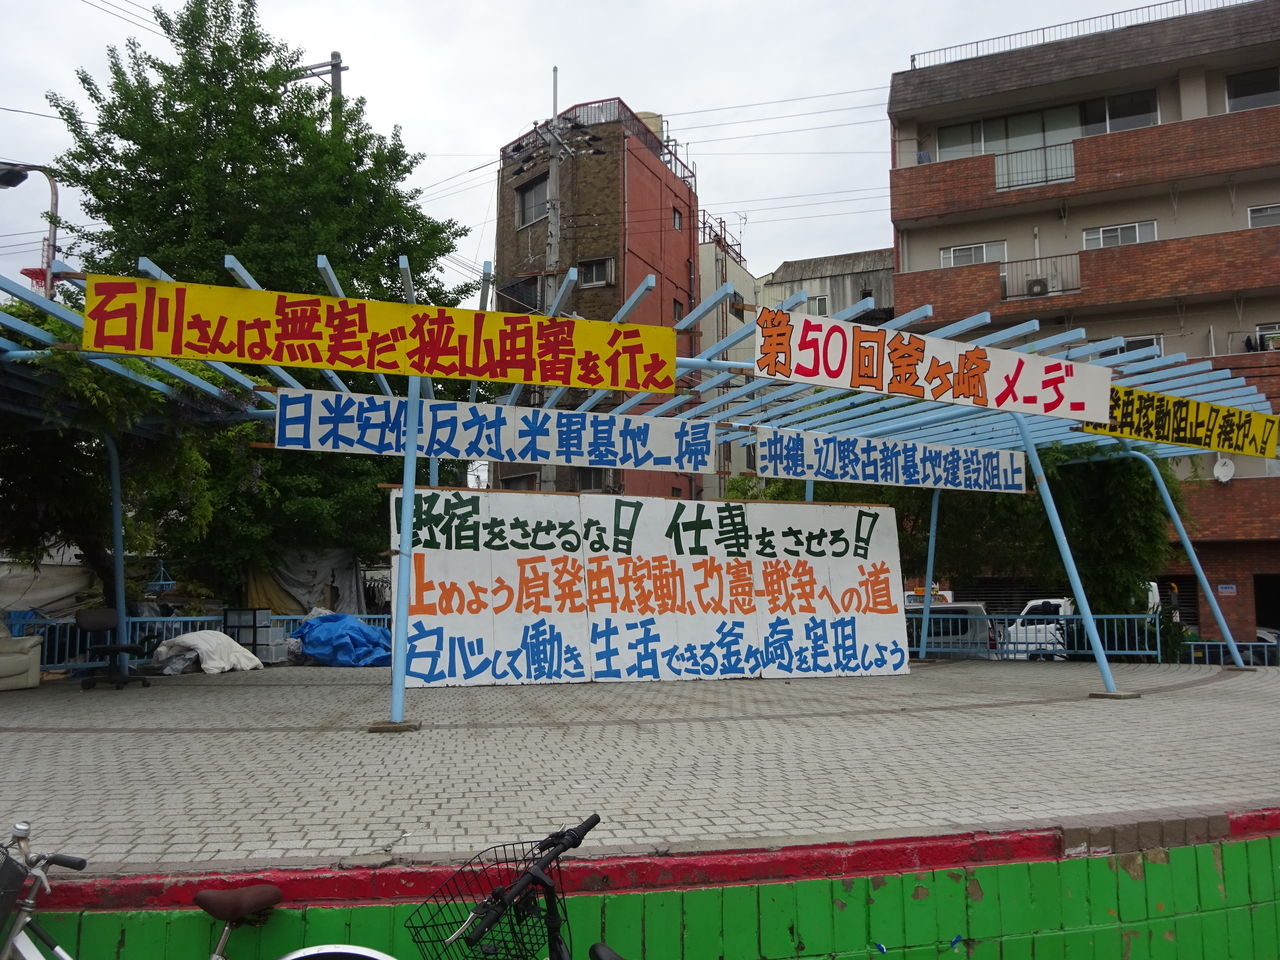 ハウス 不動産 逮捕 リング フィー 上村